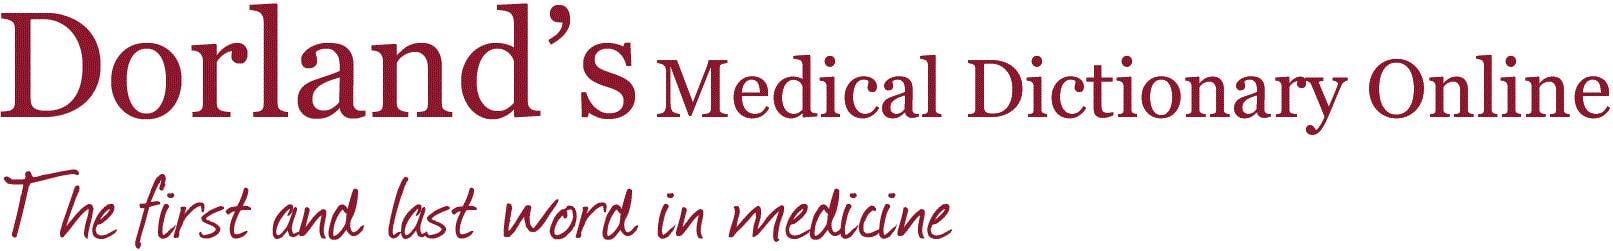 Dorlands logo